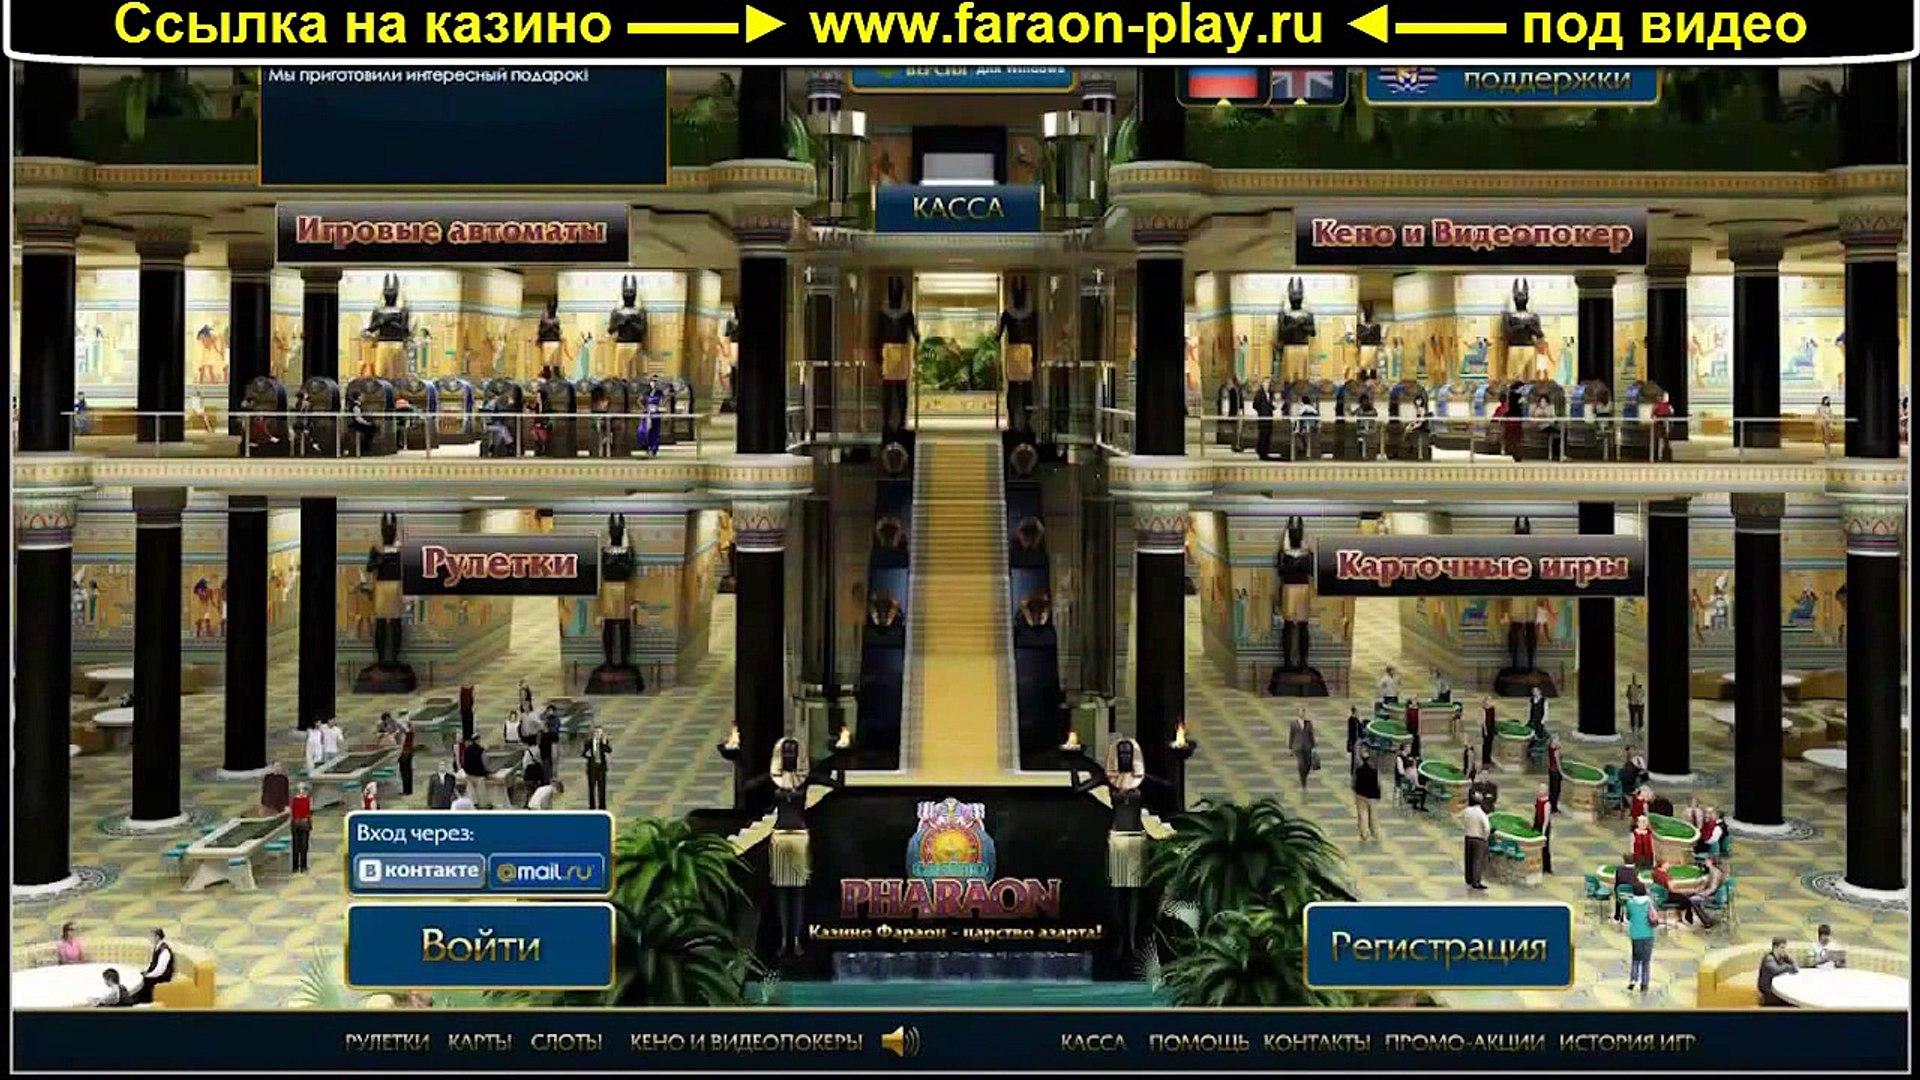 Как заработать деньги казино фараон видео bet casino gambling online sports betting